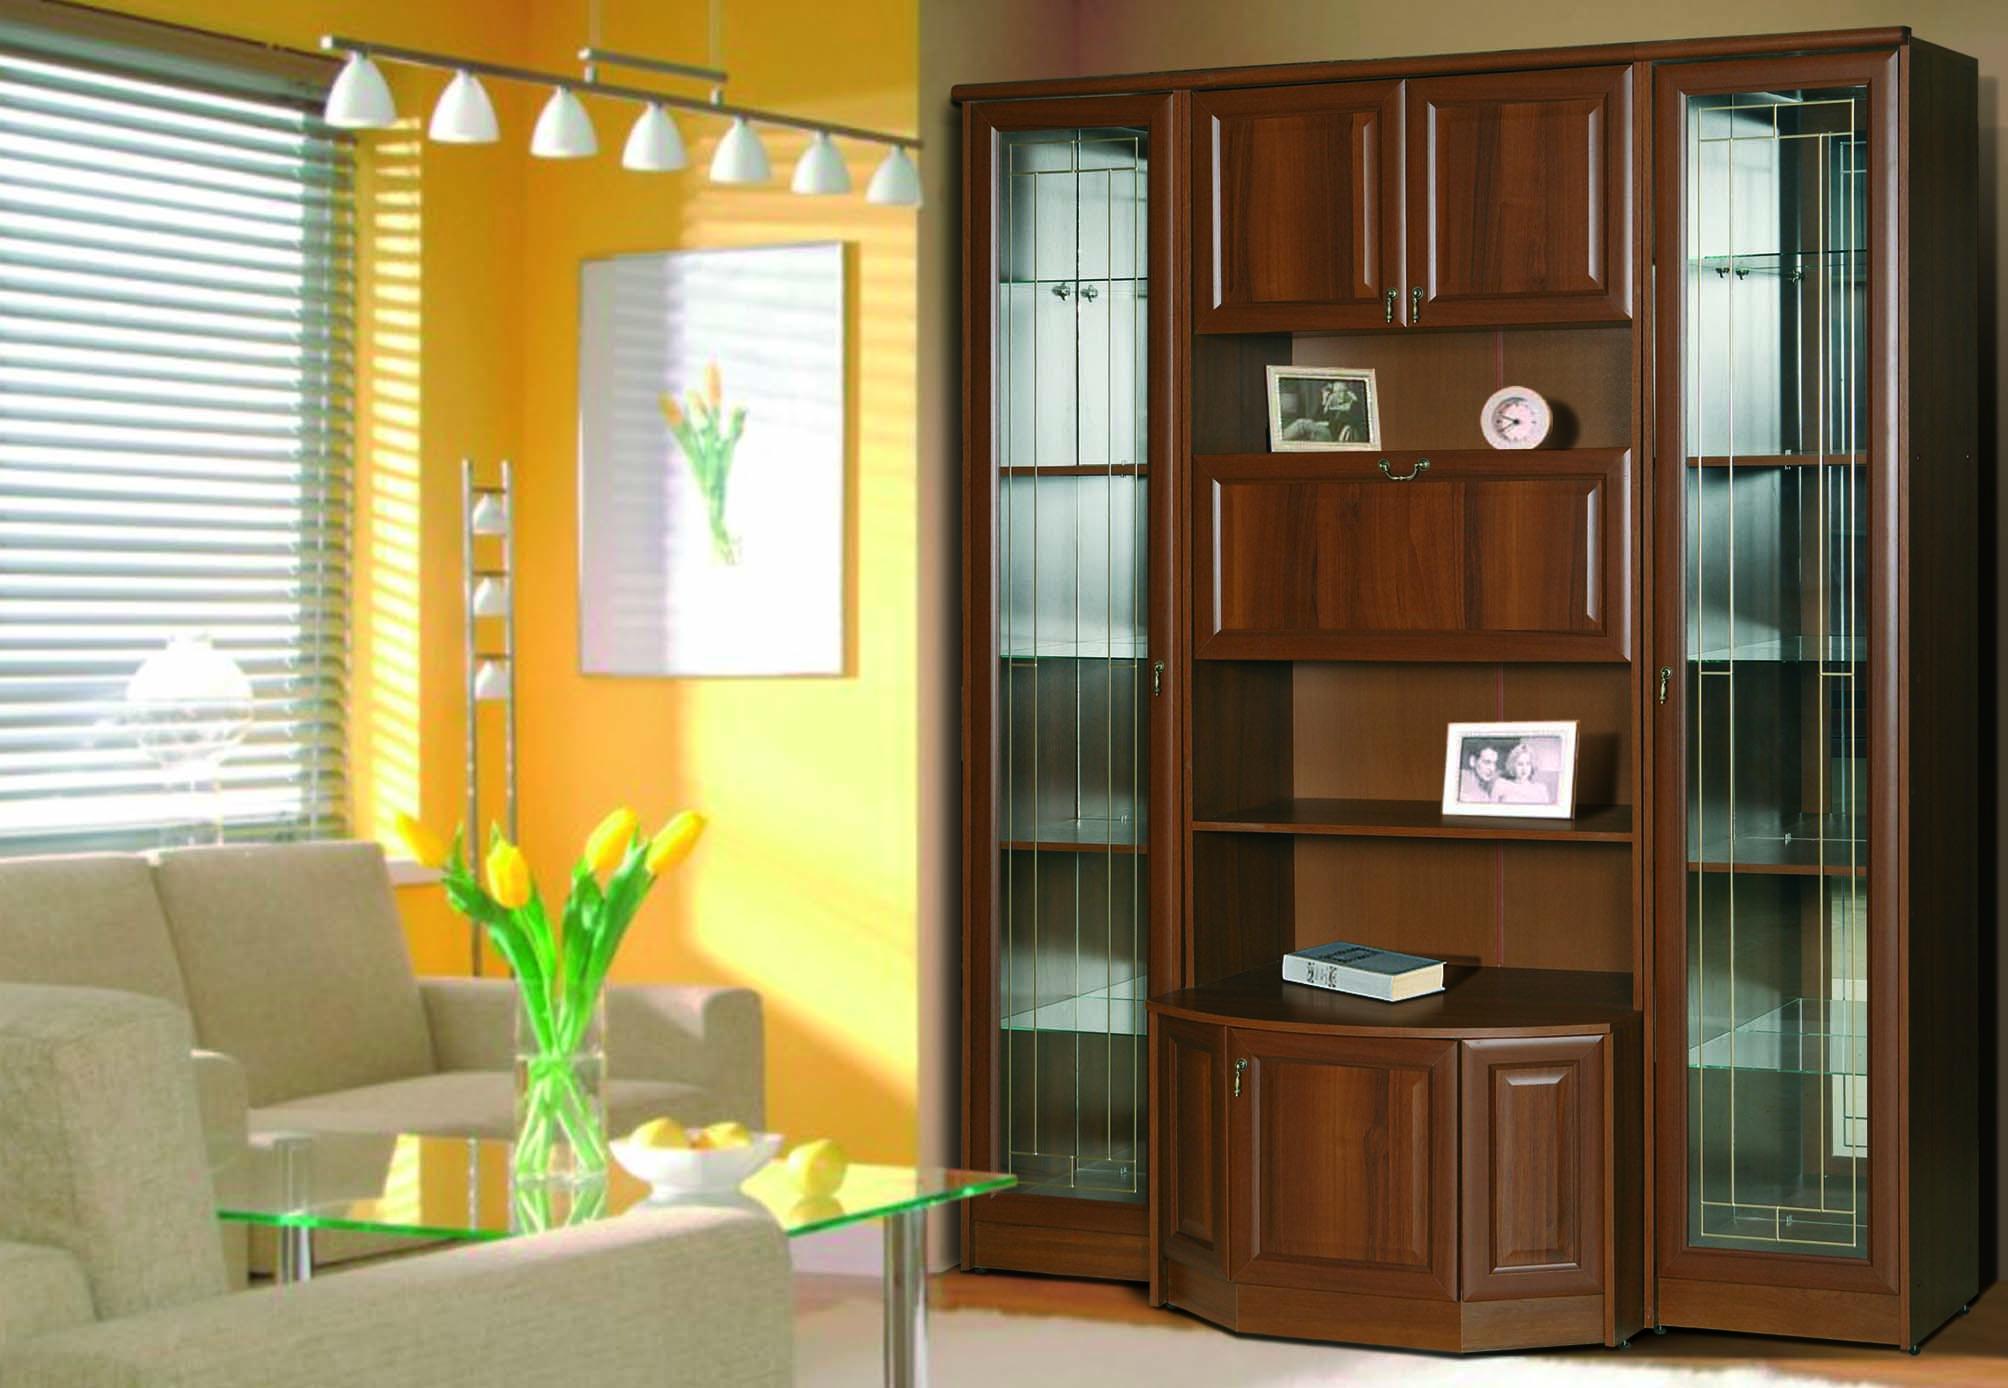 Шкаф для гостинной 2 - шкафы для гостиной.